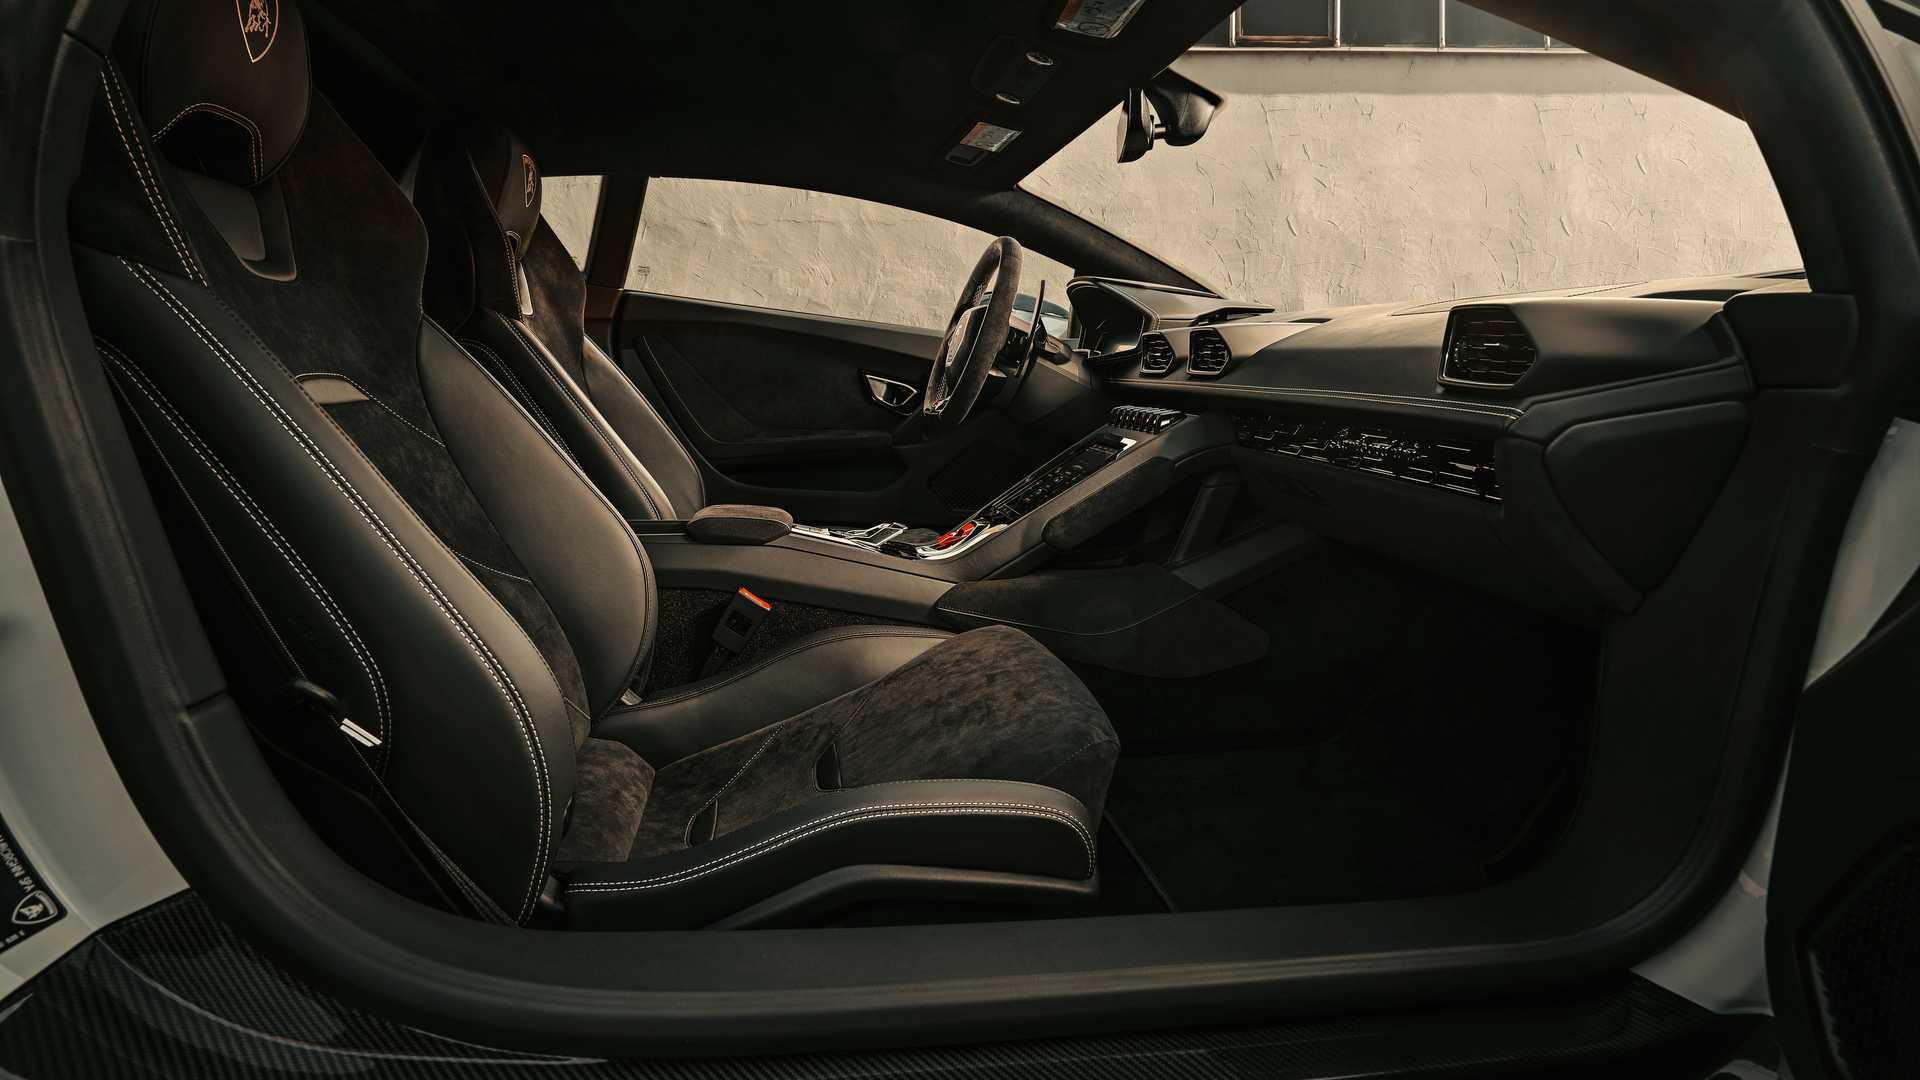 Lamborghini_Huracan_Evo_by_Novitec_0012